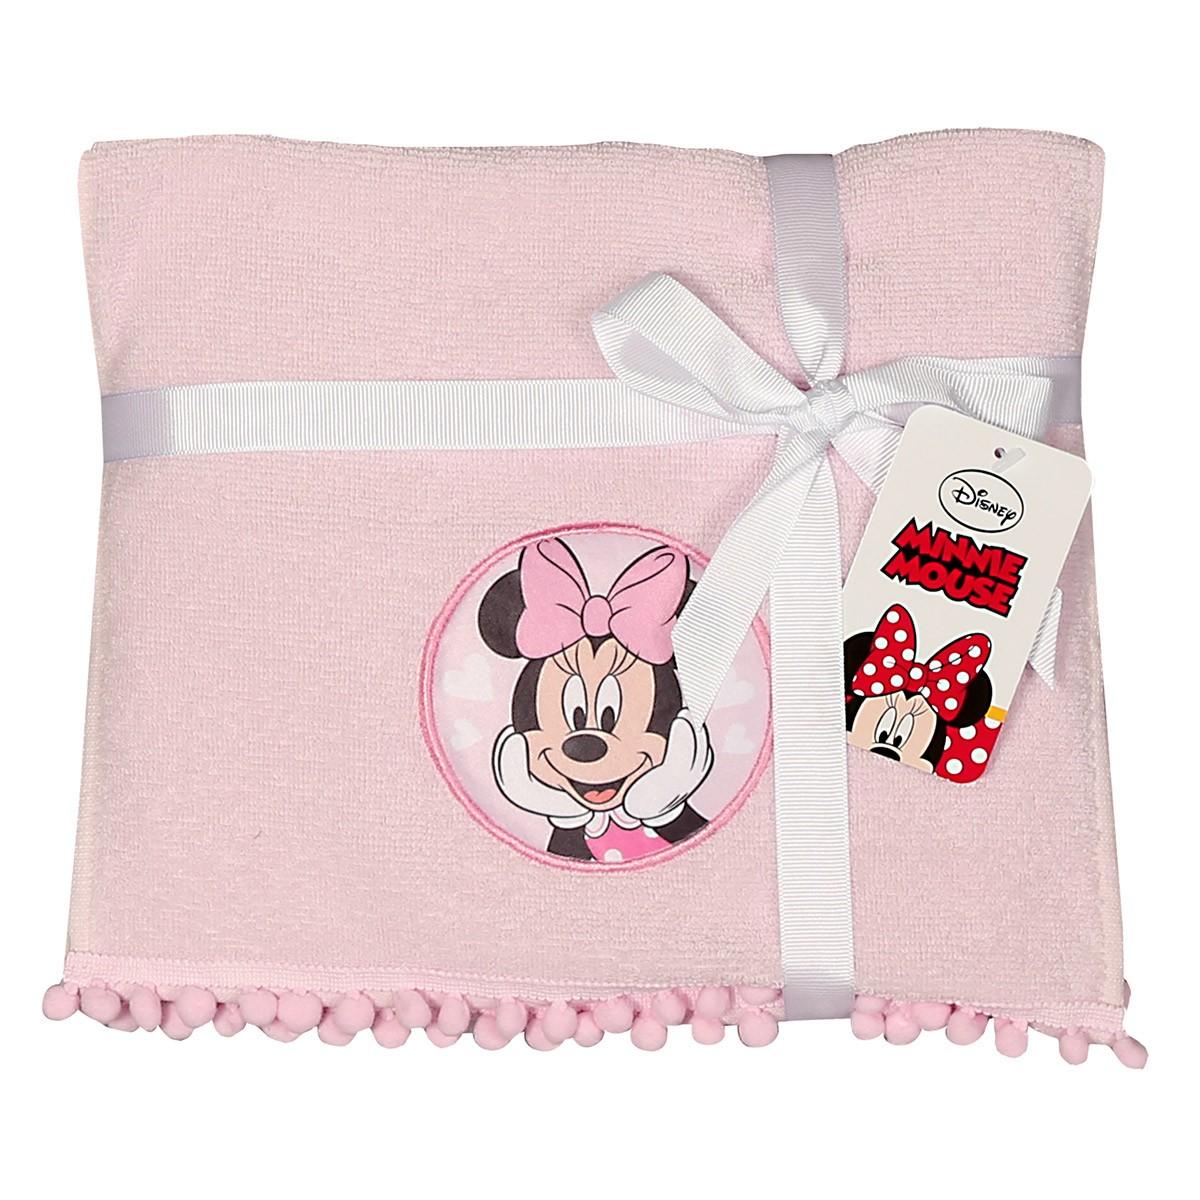 Πετσέτες Μπάνιου (Σετ 2τμχ) Nef-Nef Disney Minnie Cute 88898